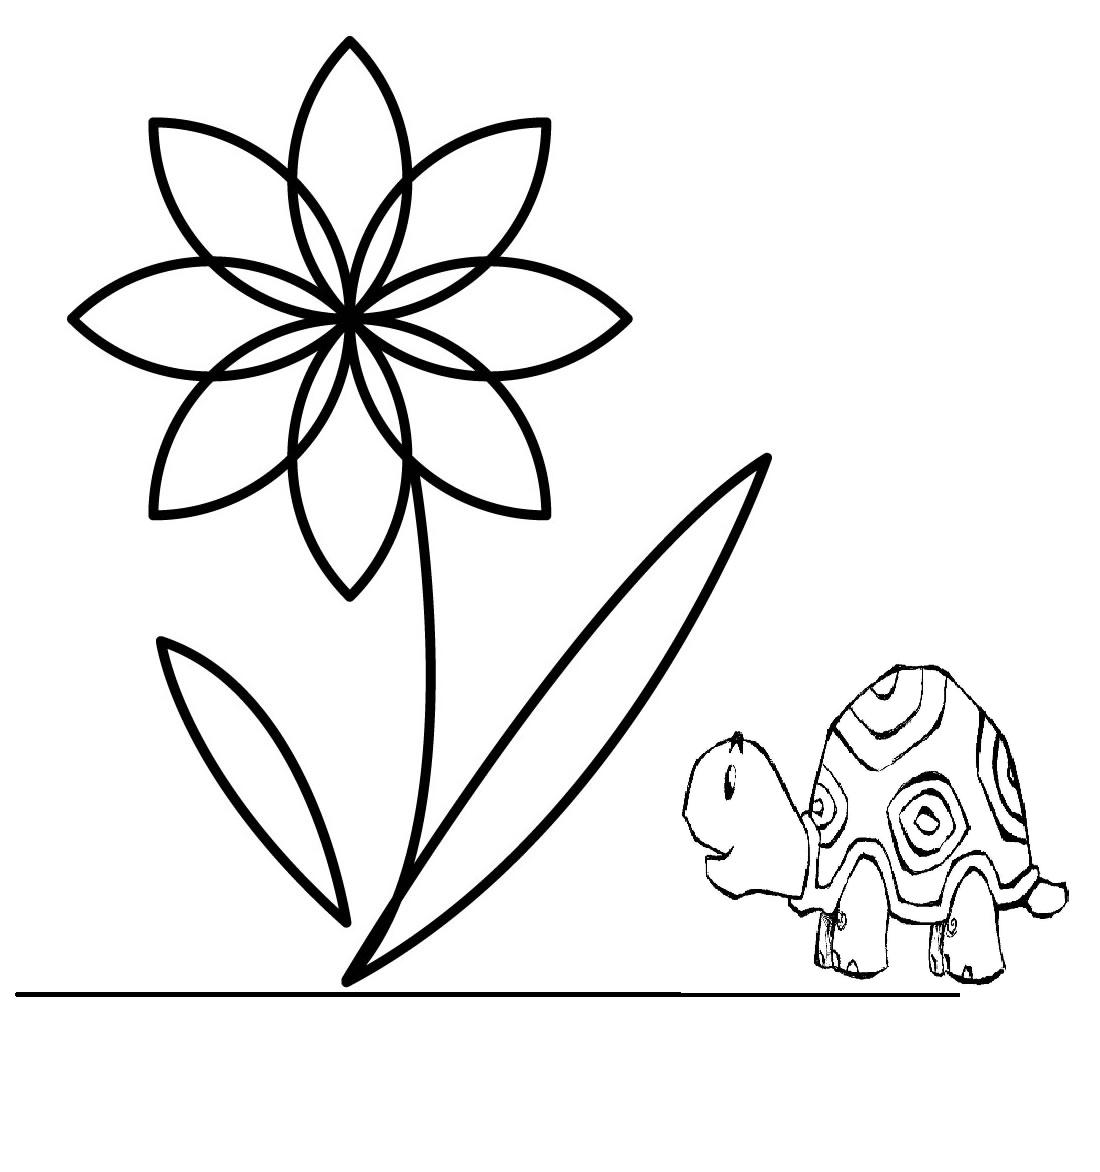 çiçekler Boyama Sayfaları Arabulokucom